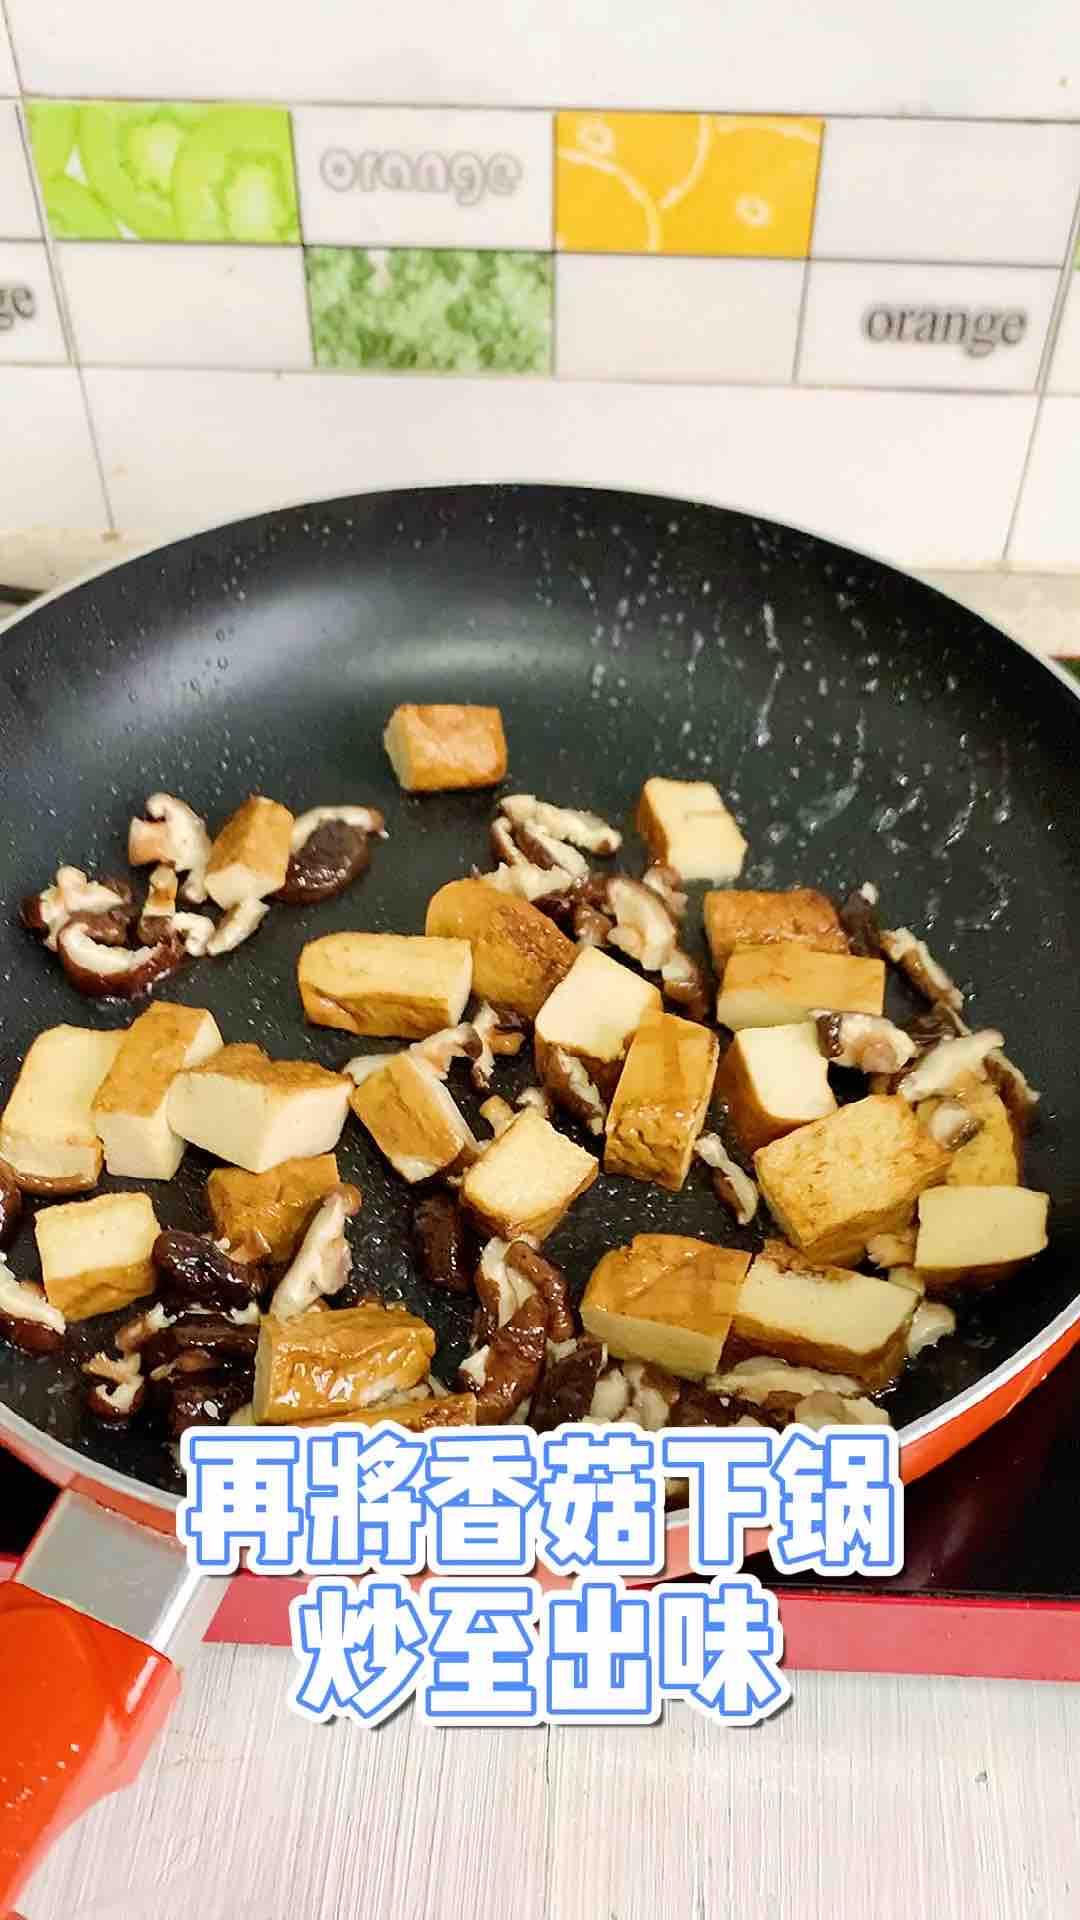 五香豆干炒木耳的简单做法